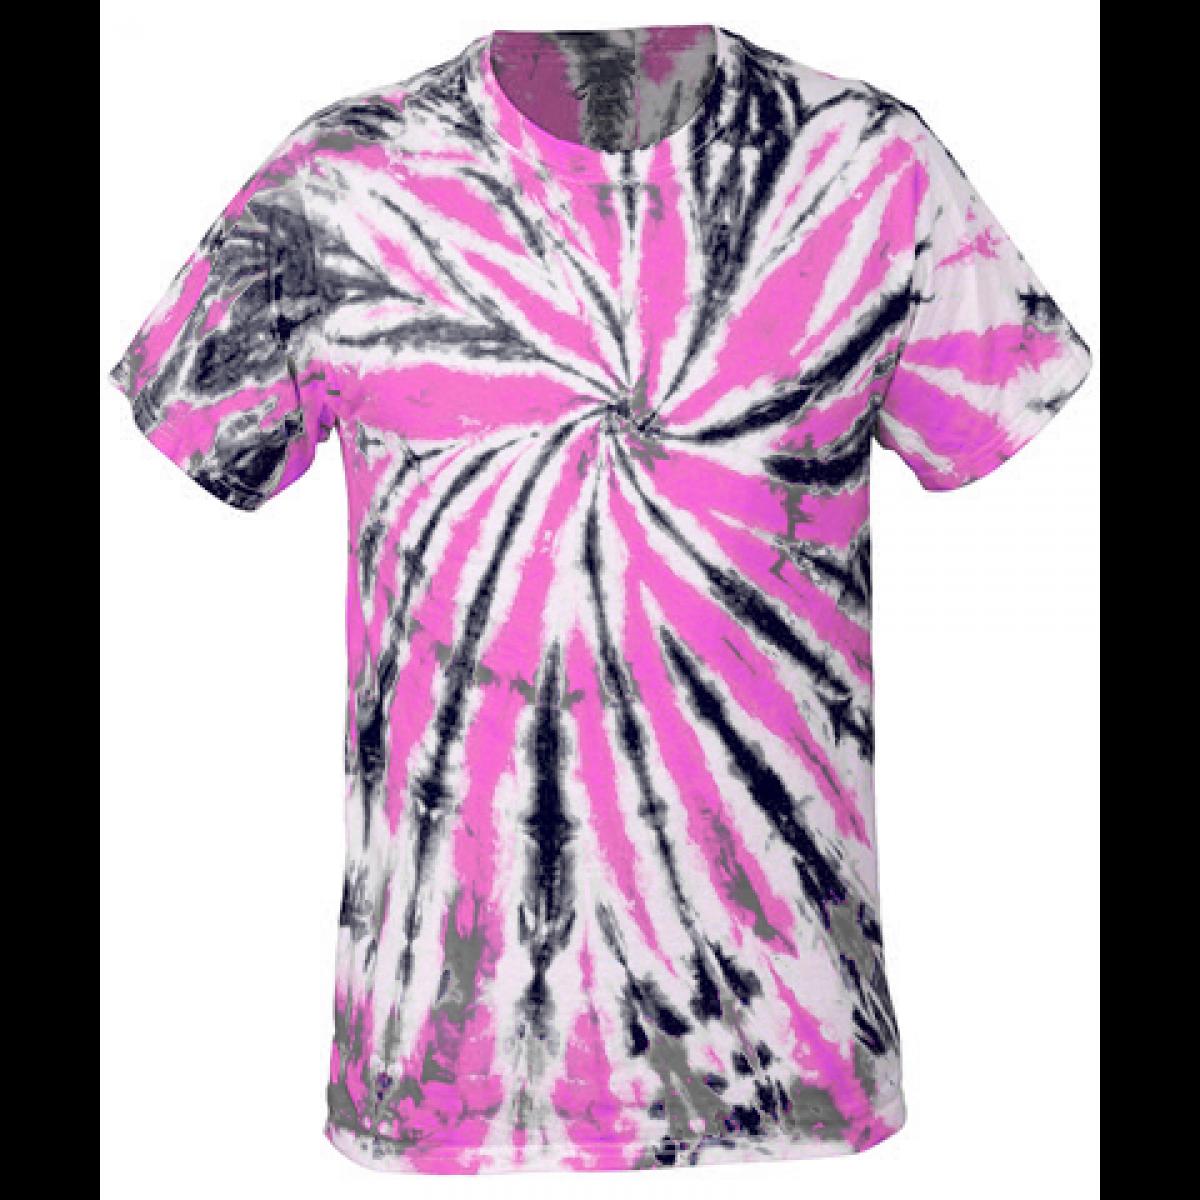 Multi-Color Tie-Dye Tee -Pink/Black-YL